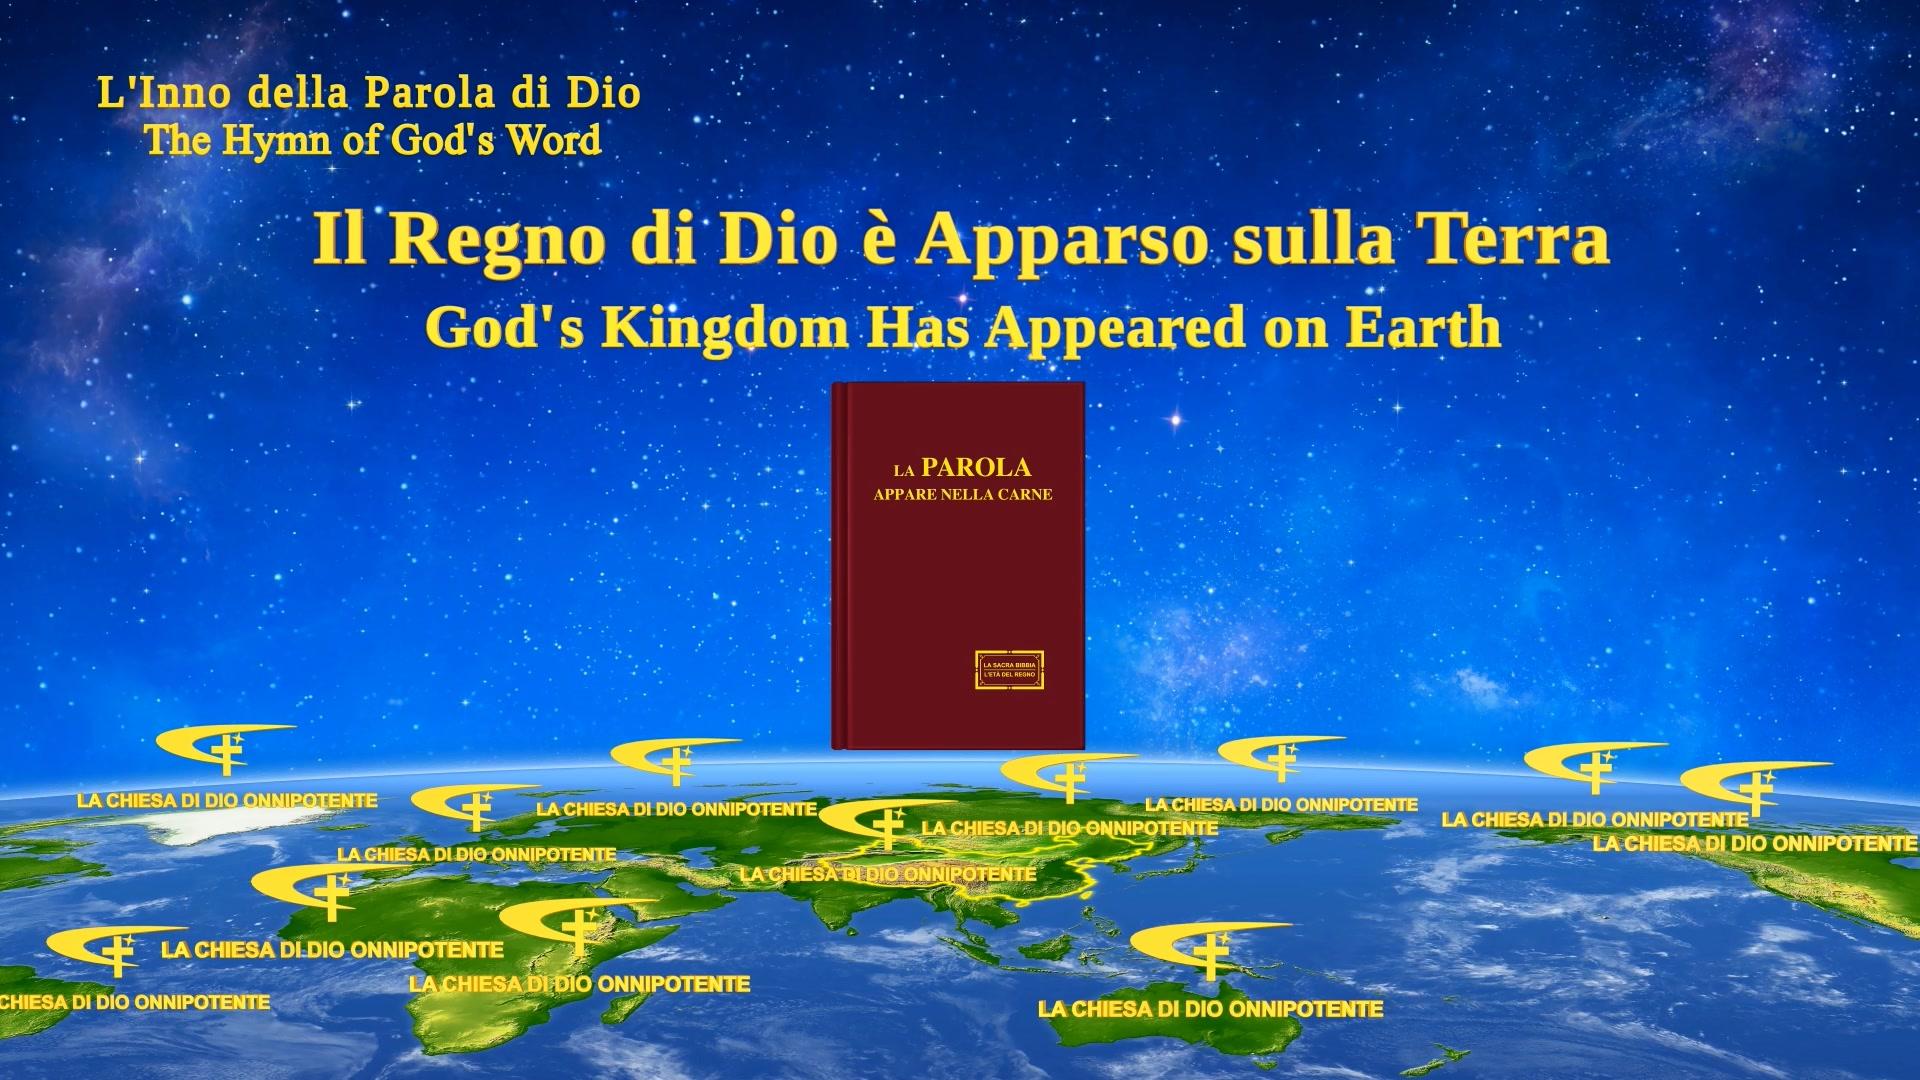 Il Regno di Dio è Apparso sulla Terra | Lodare Dio Onnipotente